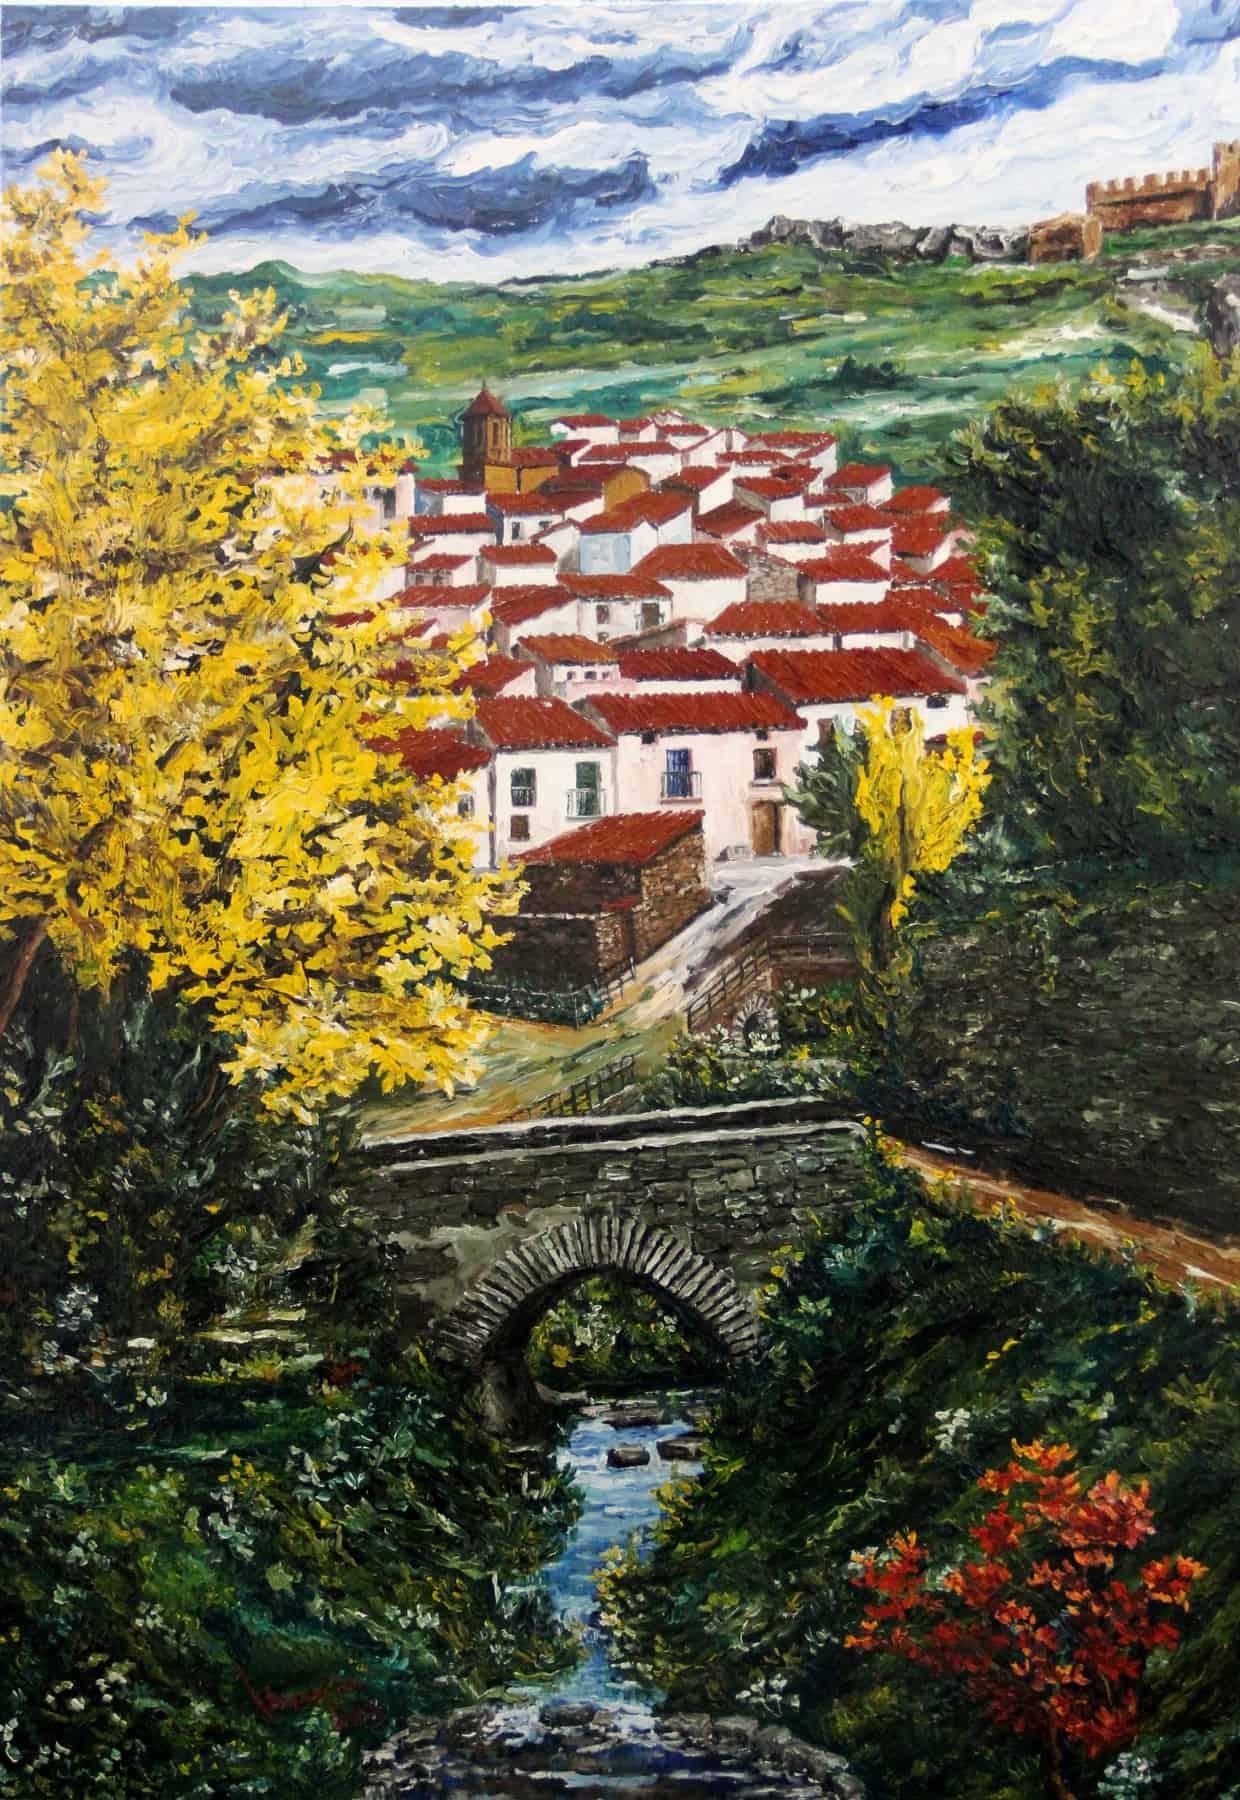 Puente Medieval I Talamantes (Zaragoza) 100x70 cm 3D